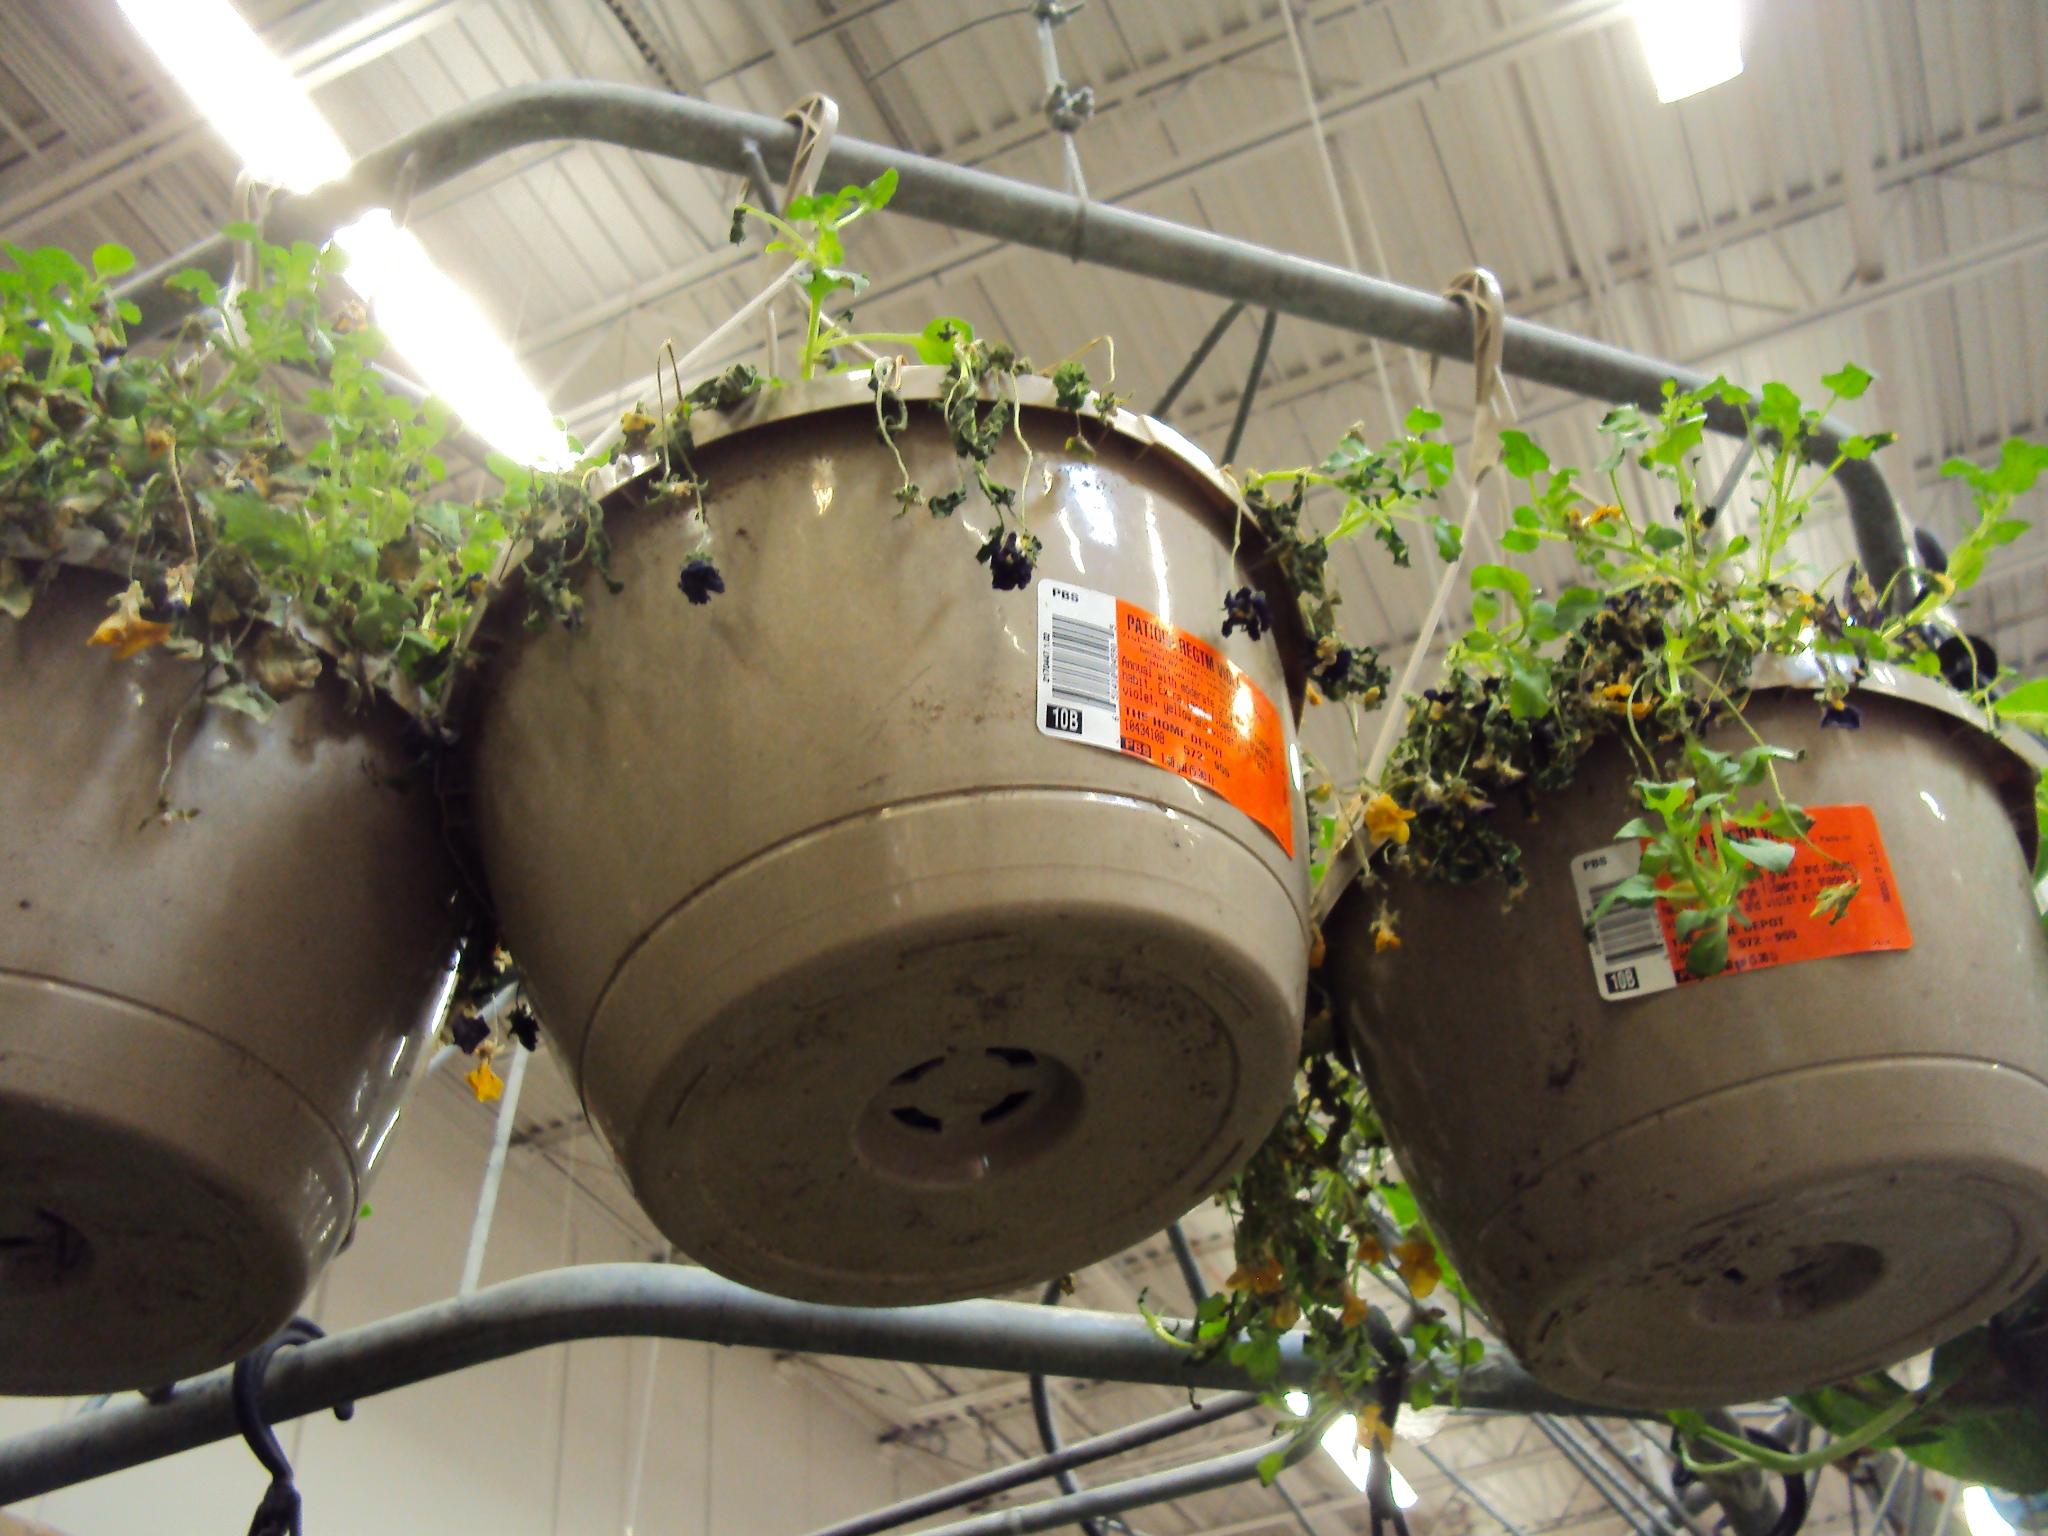 Home Depot | Good To Grow